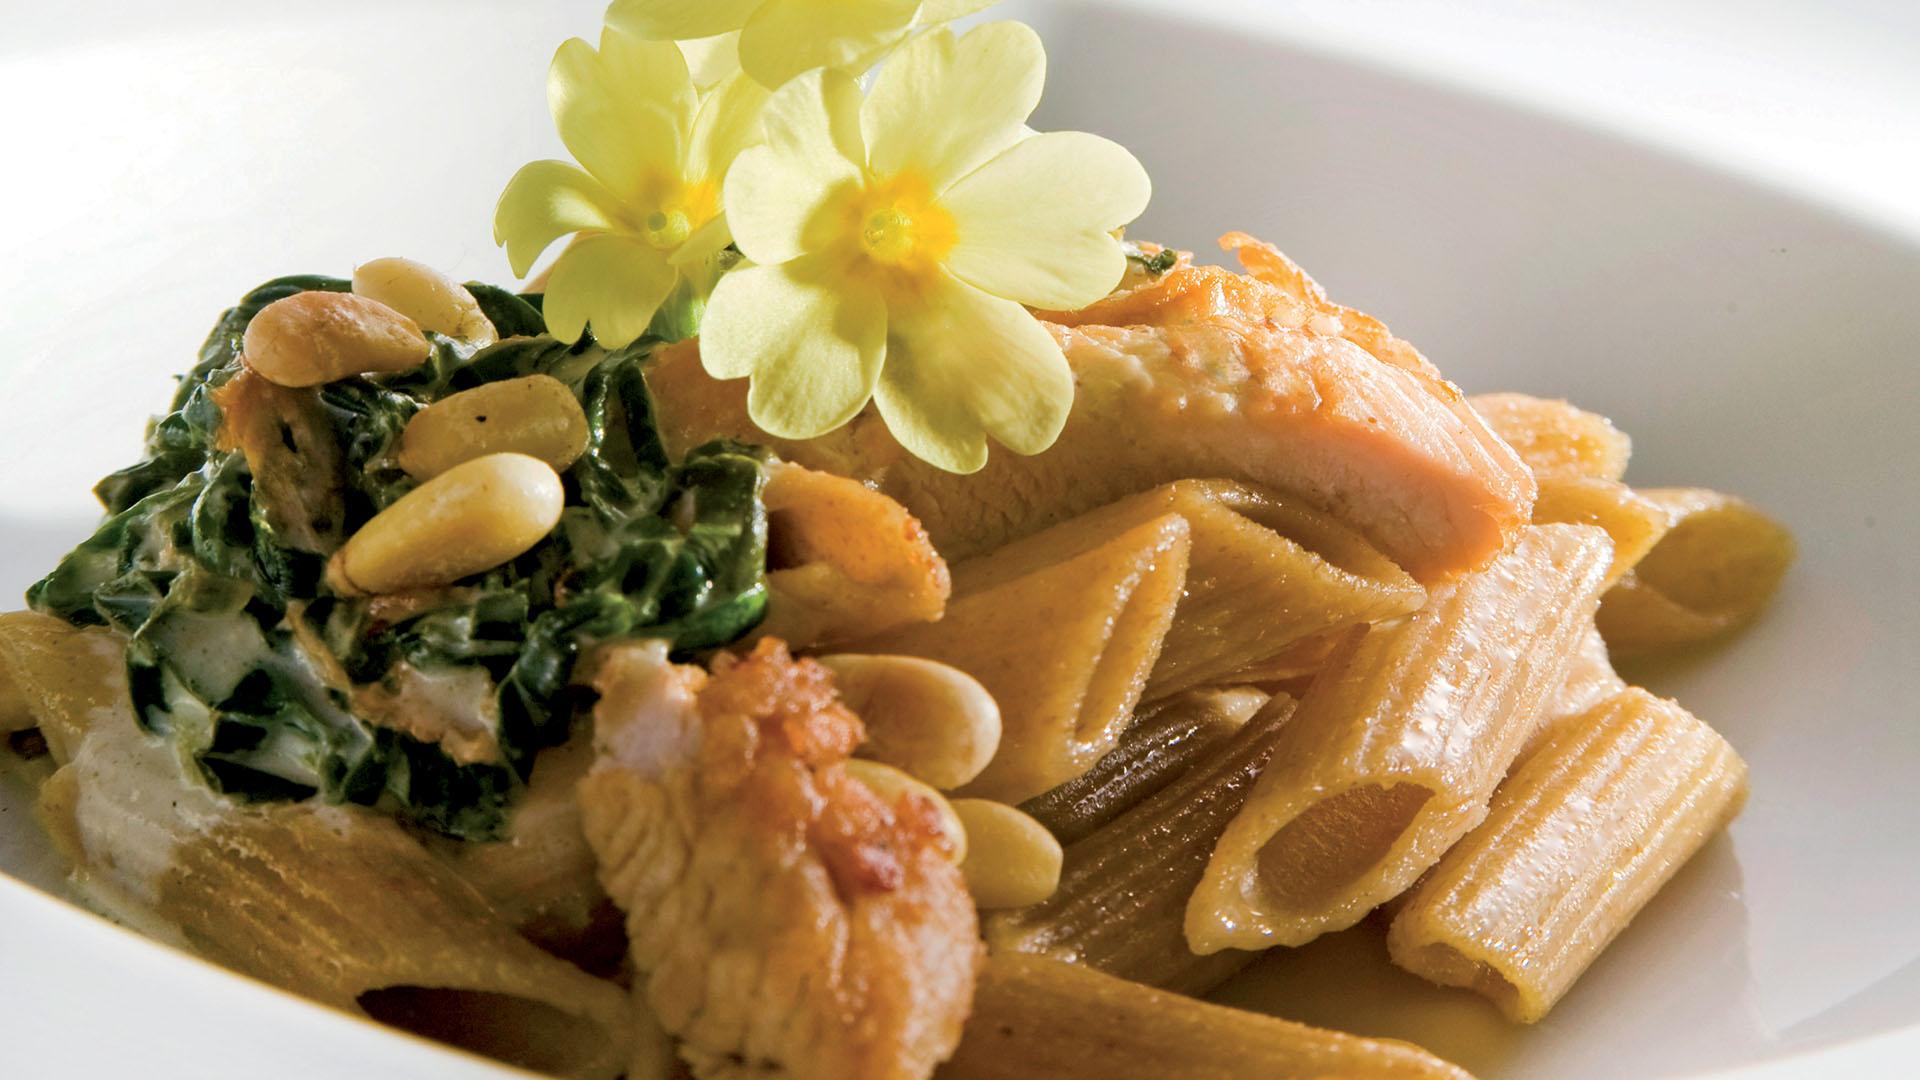 Studentski recepti: Integralna tjestenina s puretinom, špinatom i pinjolima